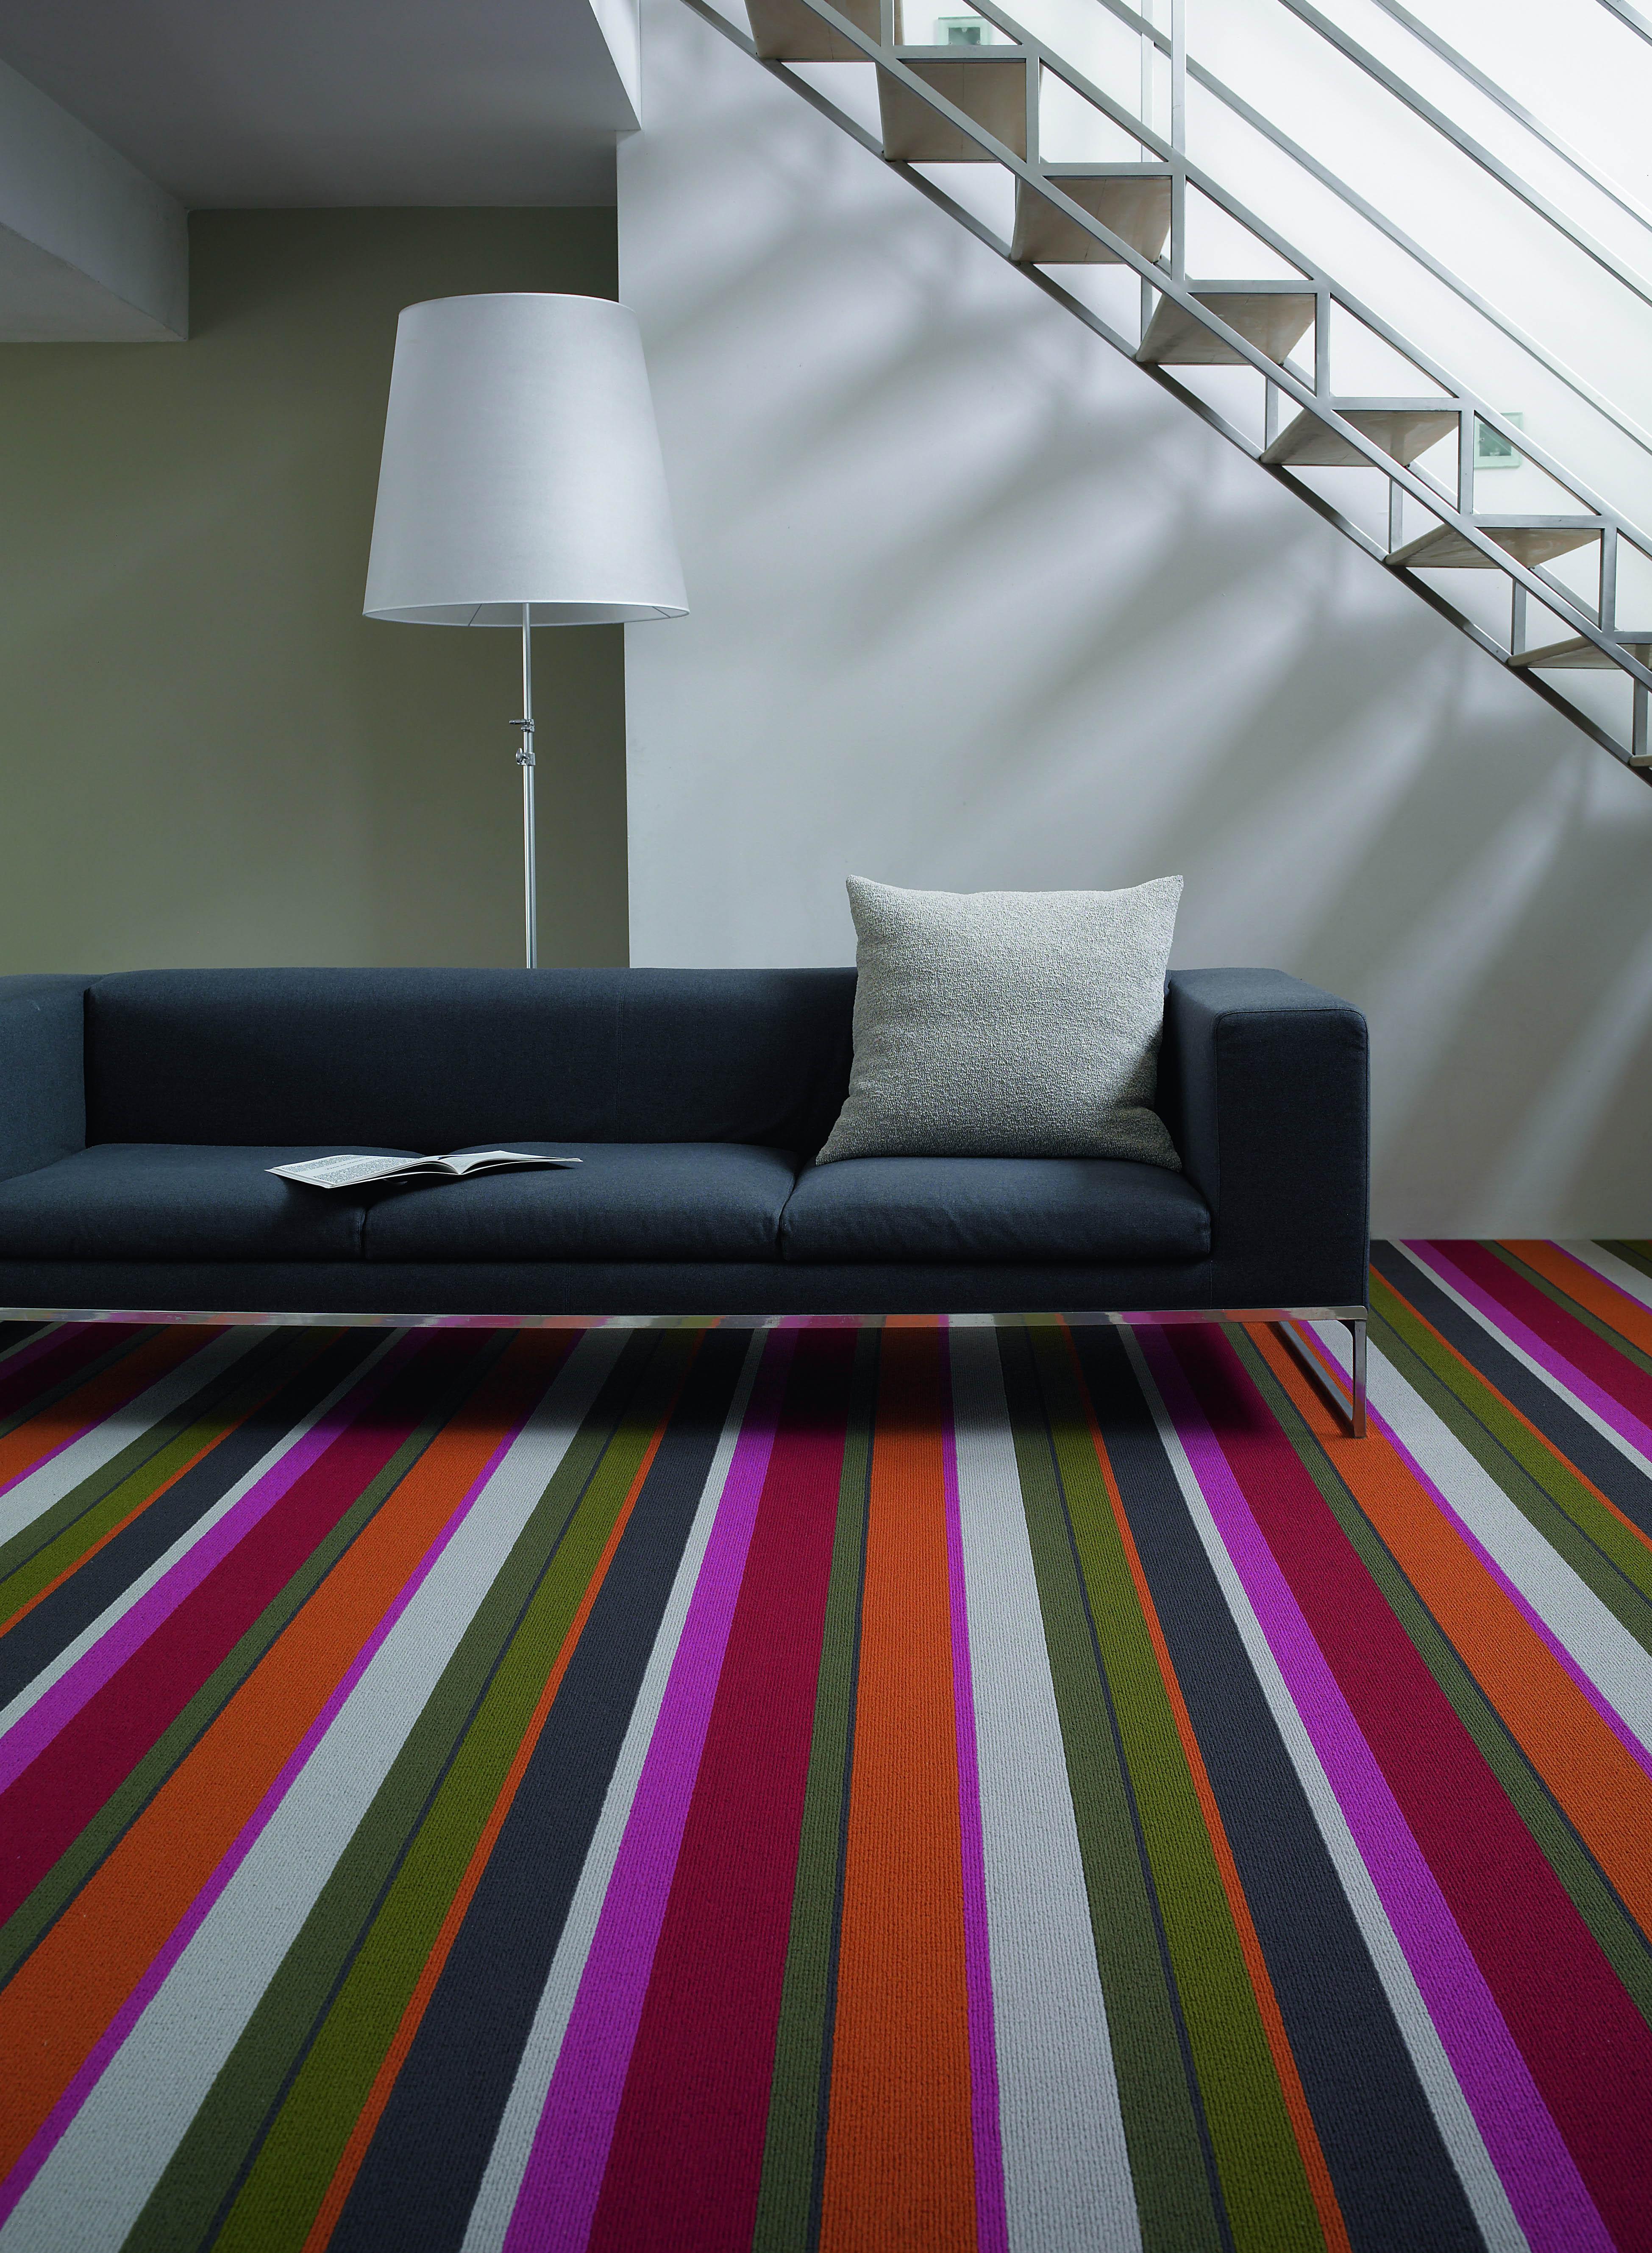 luxus wohnzimmer gestaltung mit sofa grau und buntem teppich mit streifenmuster